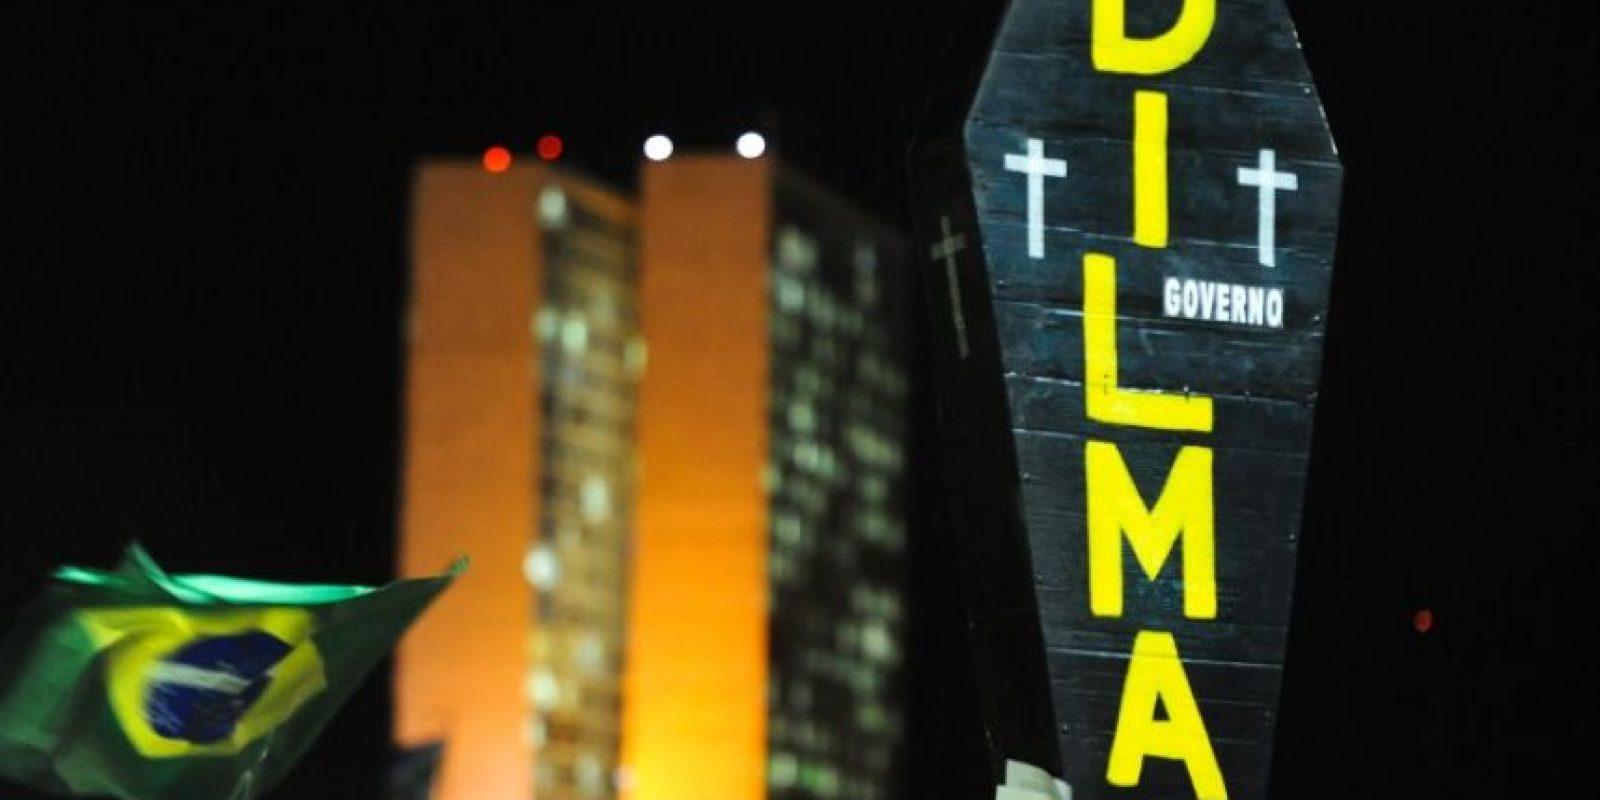 Así concluirían 13 años de gobierno del Partido de los Trabajadores, primero con Lula da Silva, luego con Rousseff Foto:AFP